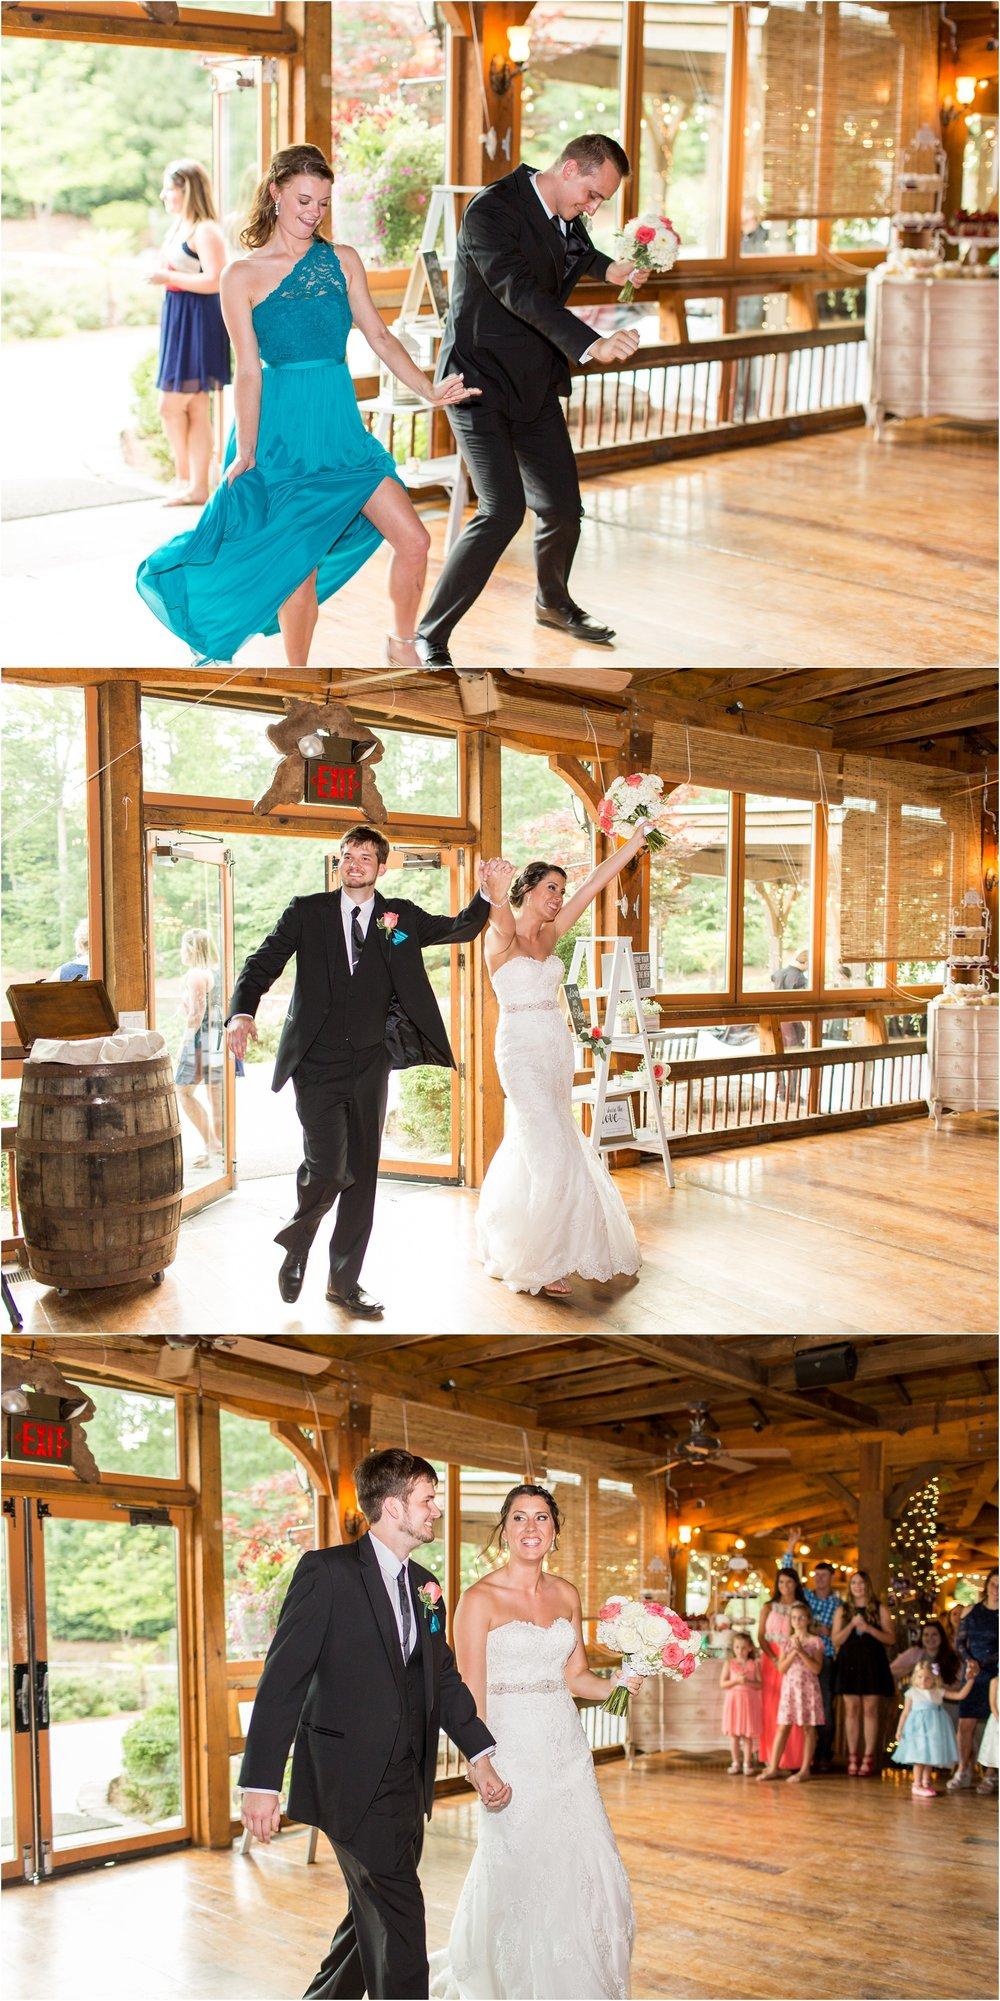 Savannah Eve Photography- Roberts-Brown Wedding- Sneak Peek-87.jpg